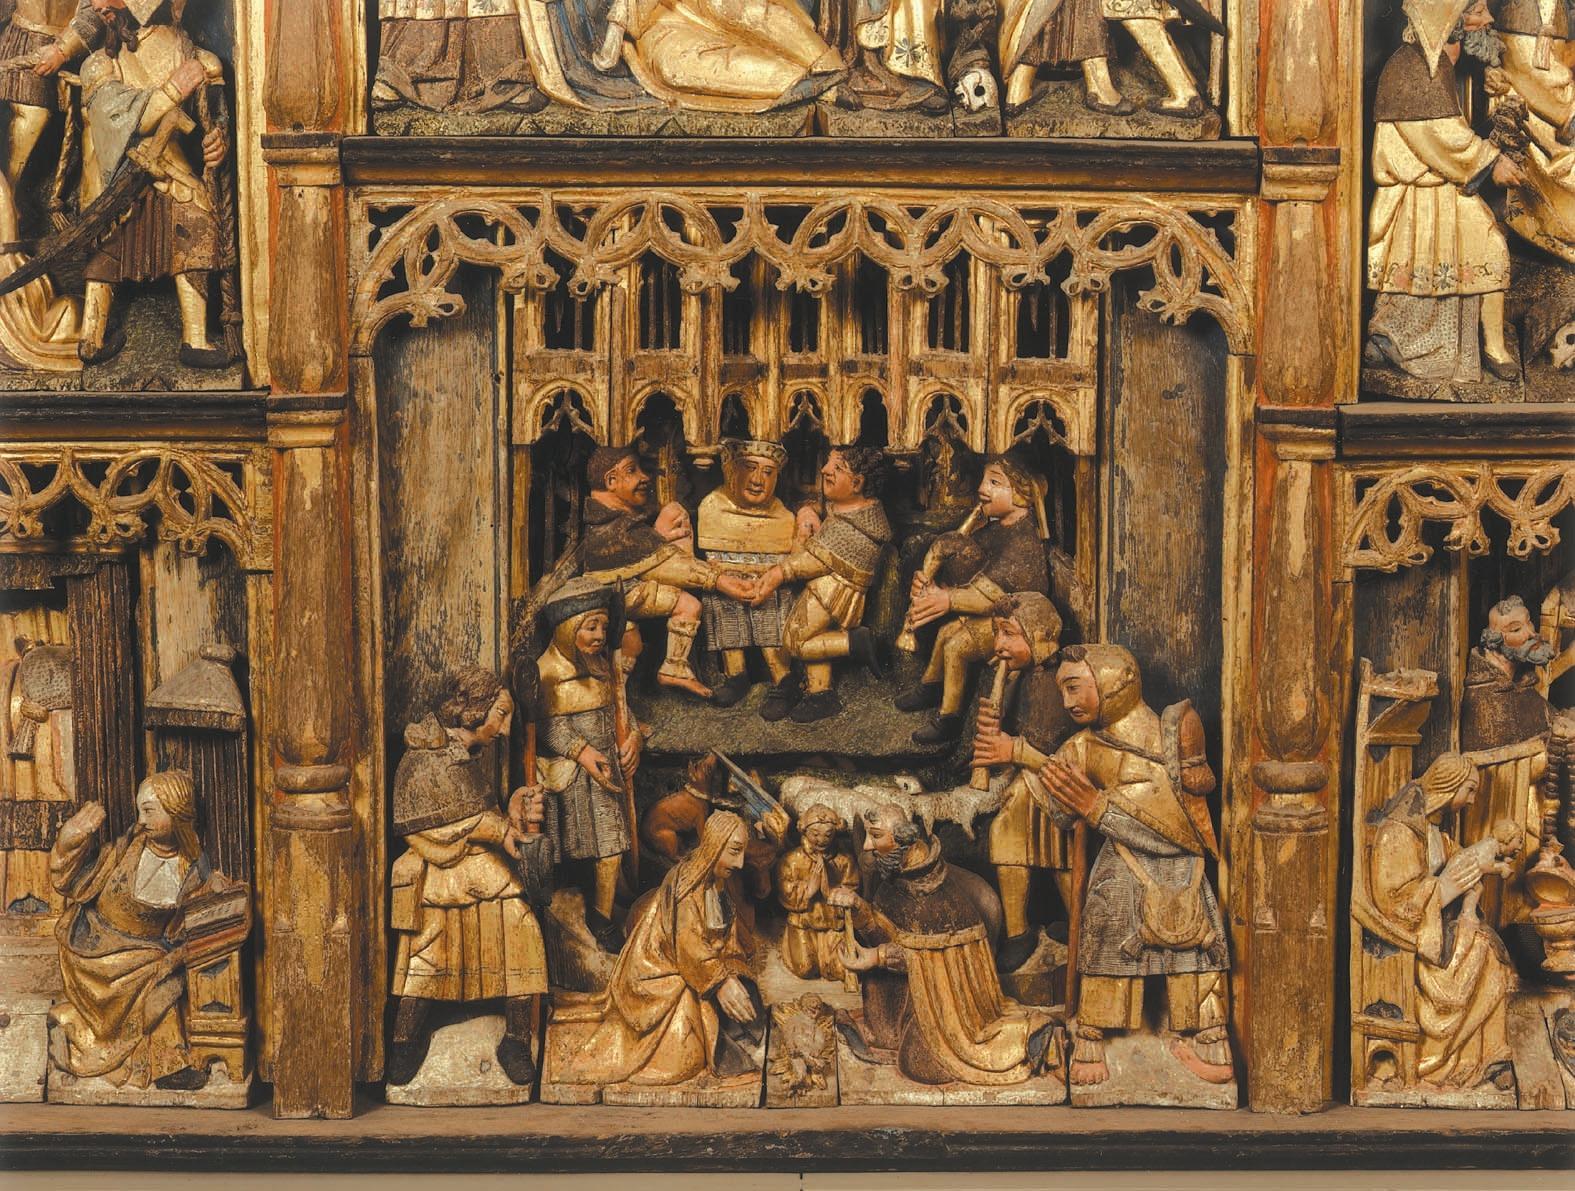 MUSEE DES ARTS ANCIENS - TRESOR D'OIGNIES (TreM.a)